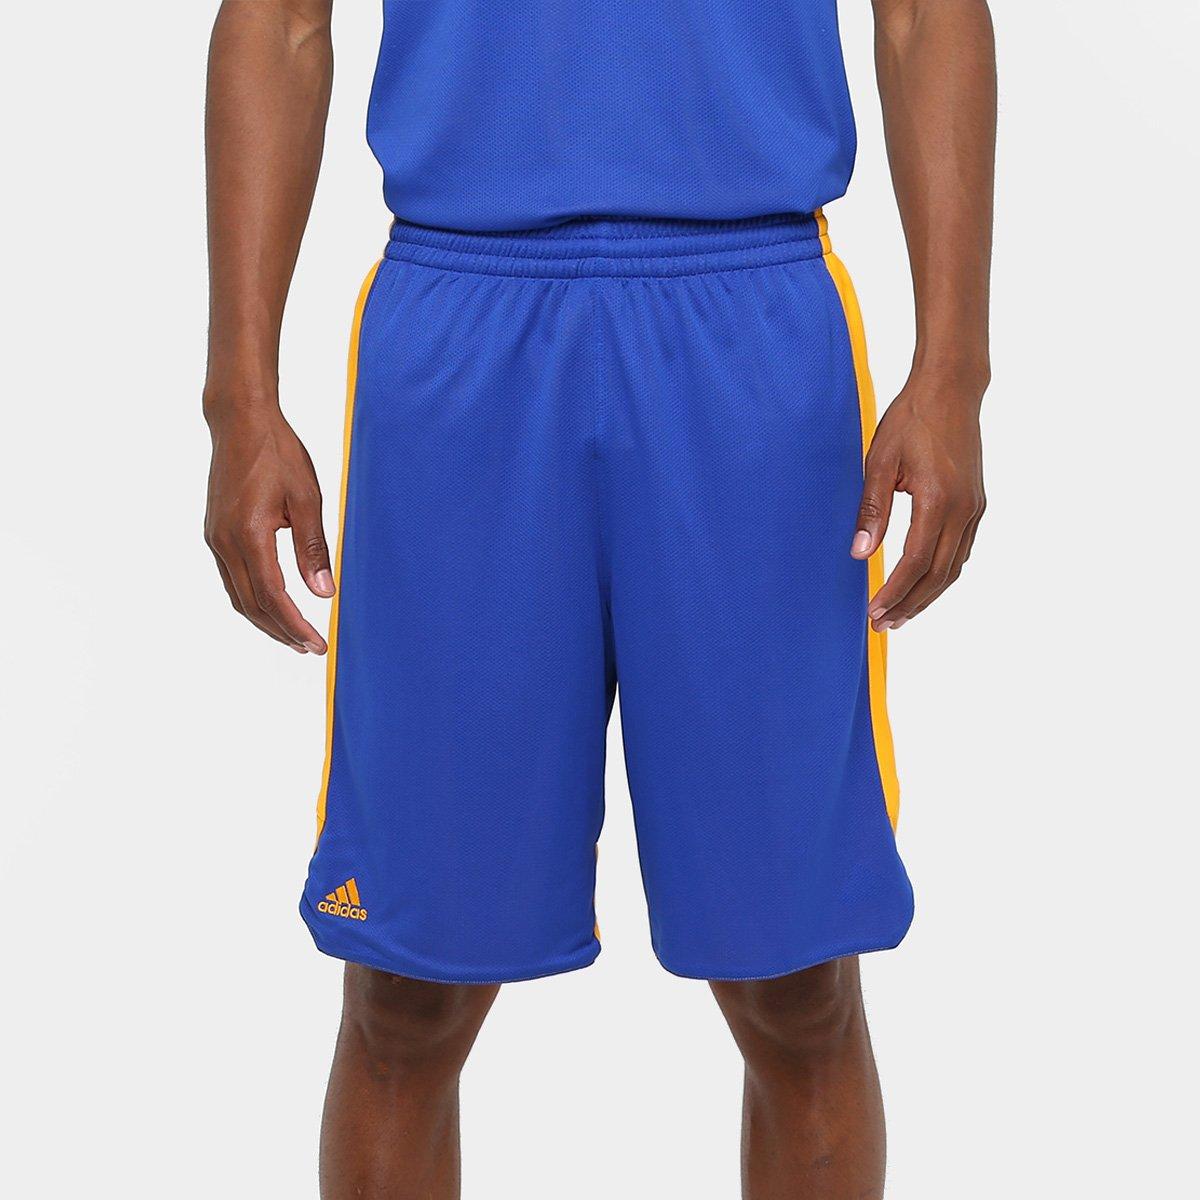 Bermuda Adidas Treino Dupla Face Masculina - Azul e amarelo - Compre ... d9ab3b5d2f161